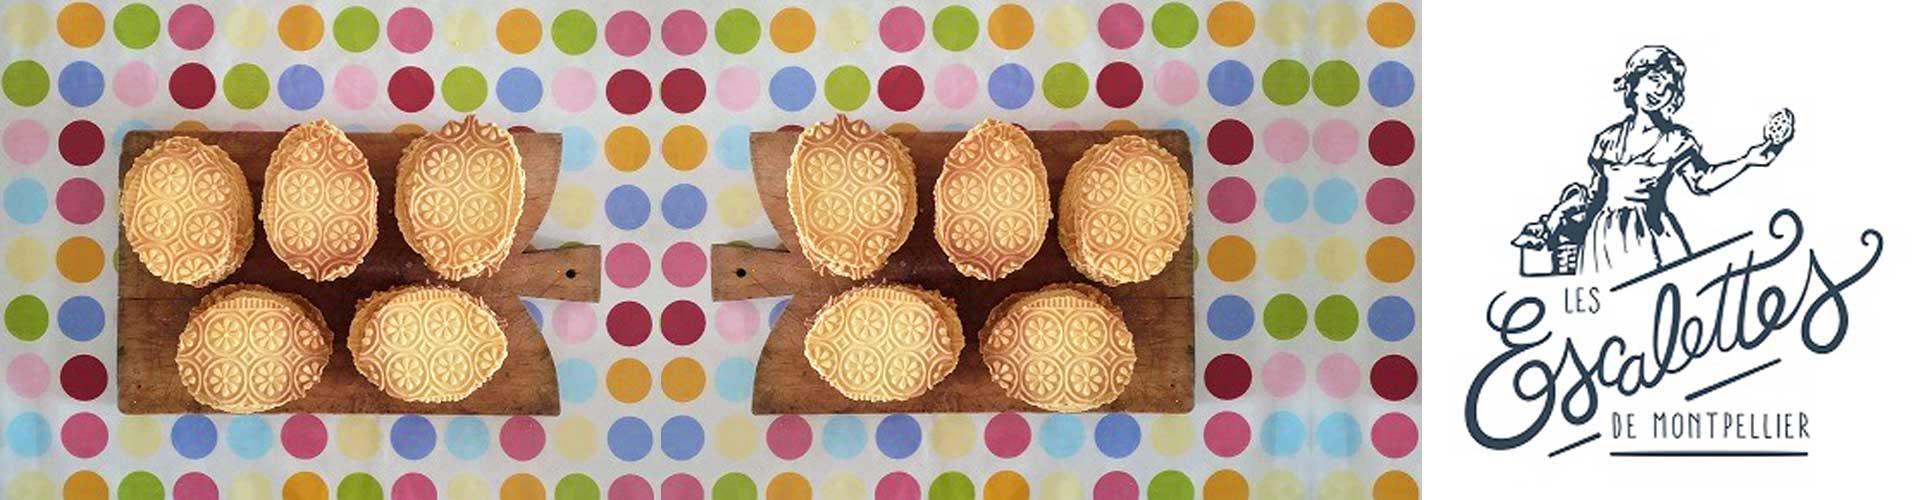 Spécialité de l'Hérault, les escalettes de montpellier, un biscuit authentique